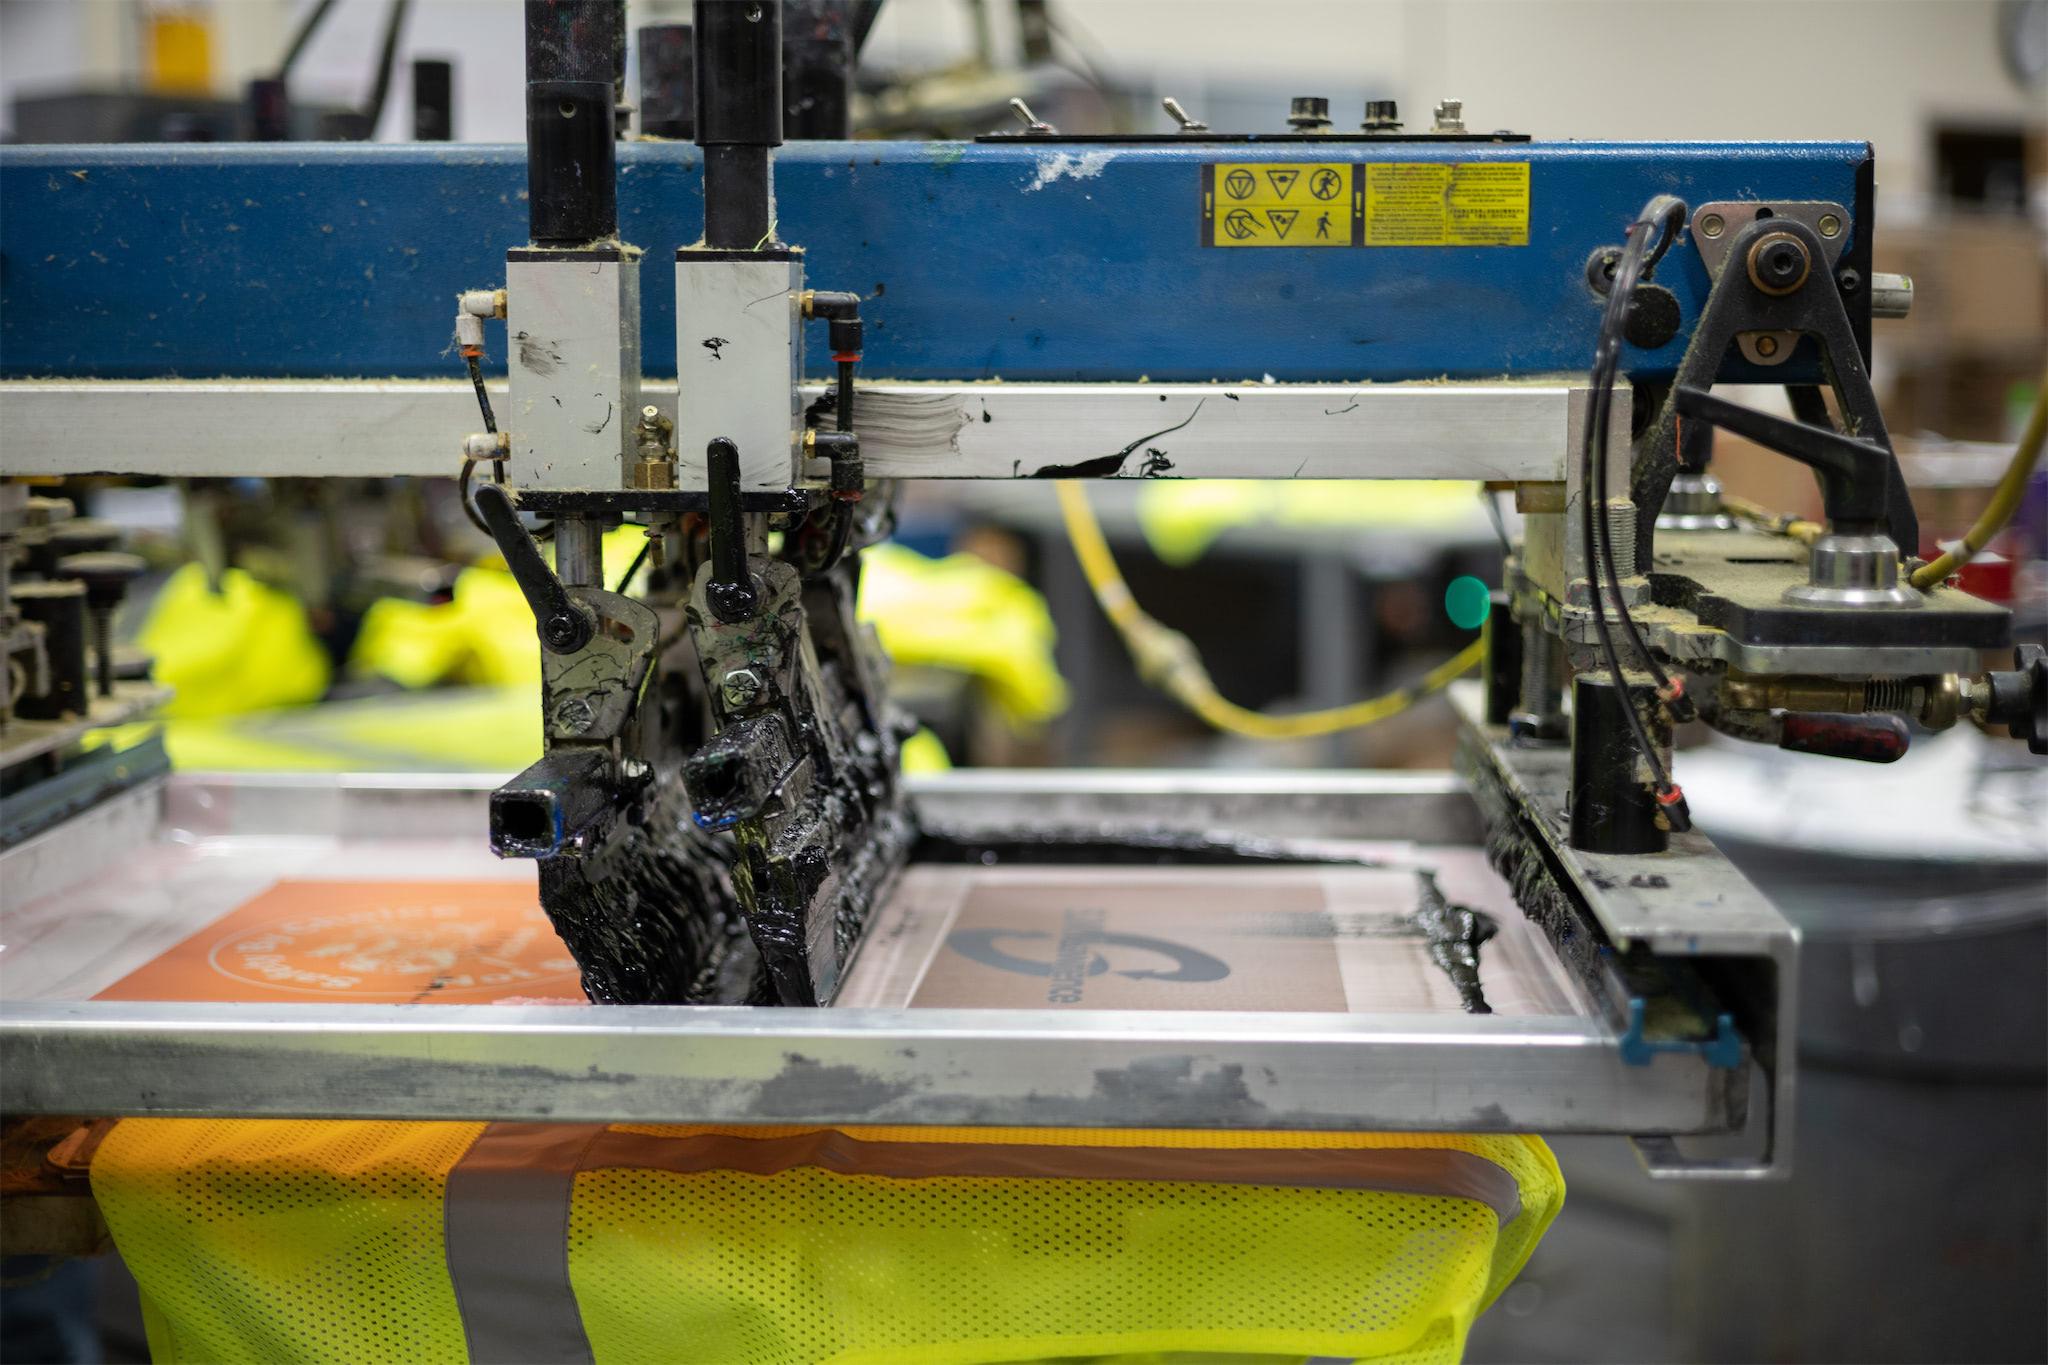 imprinting-machine